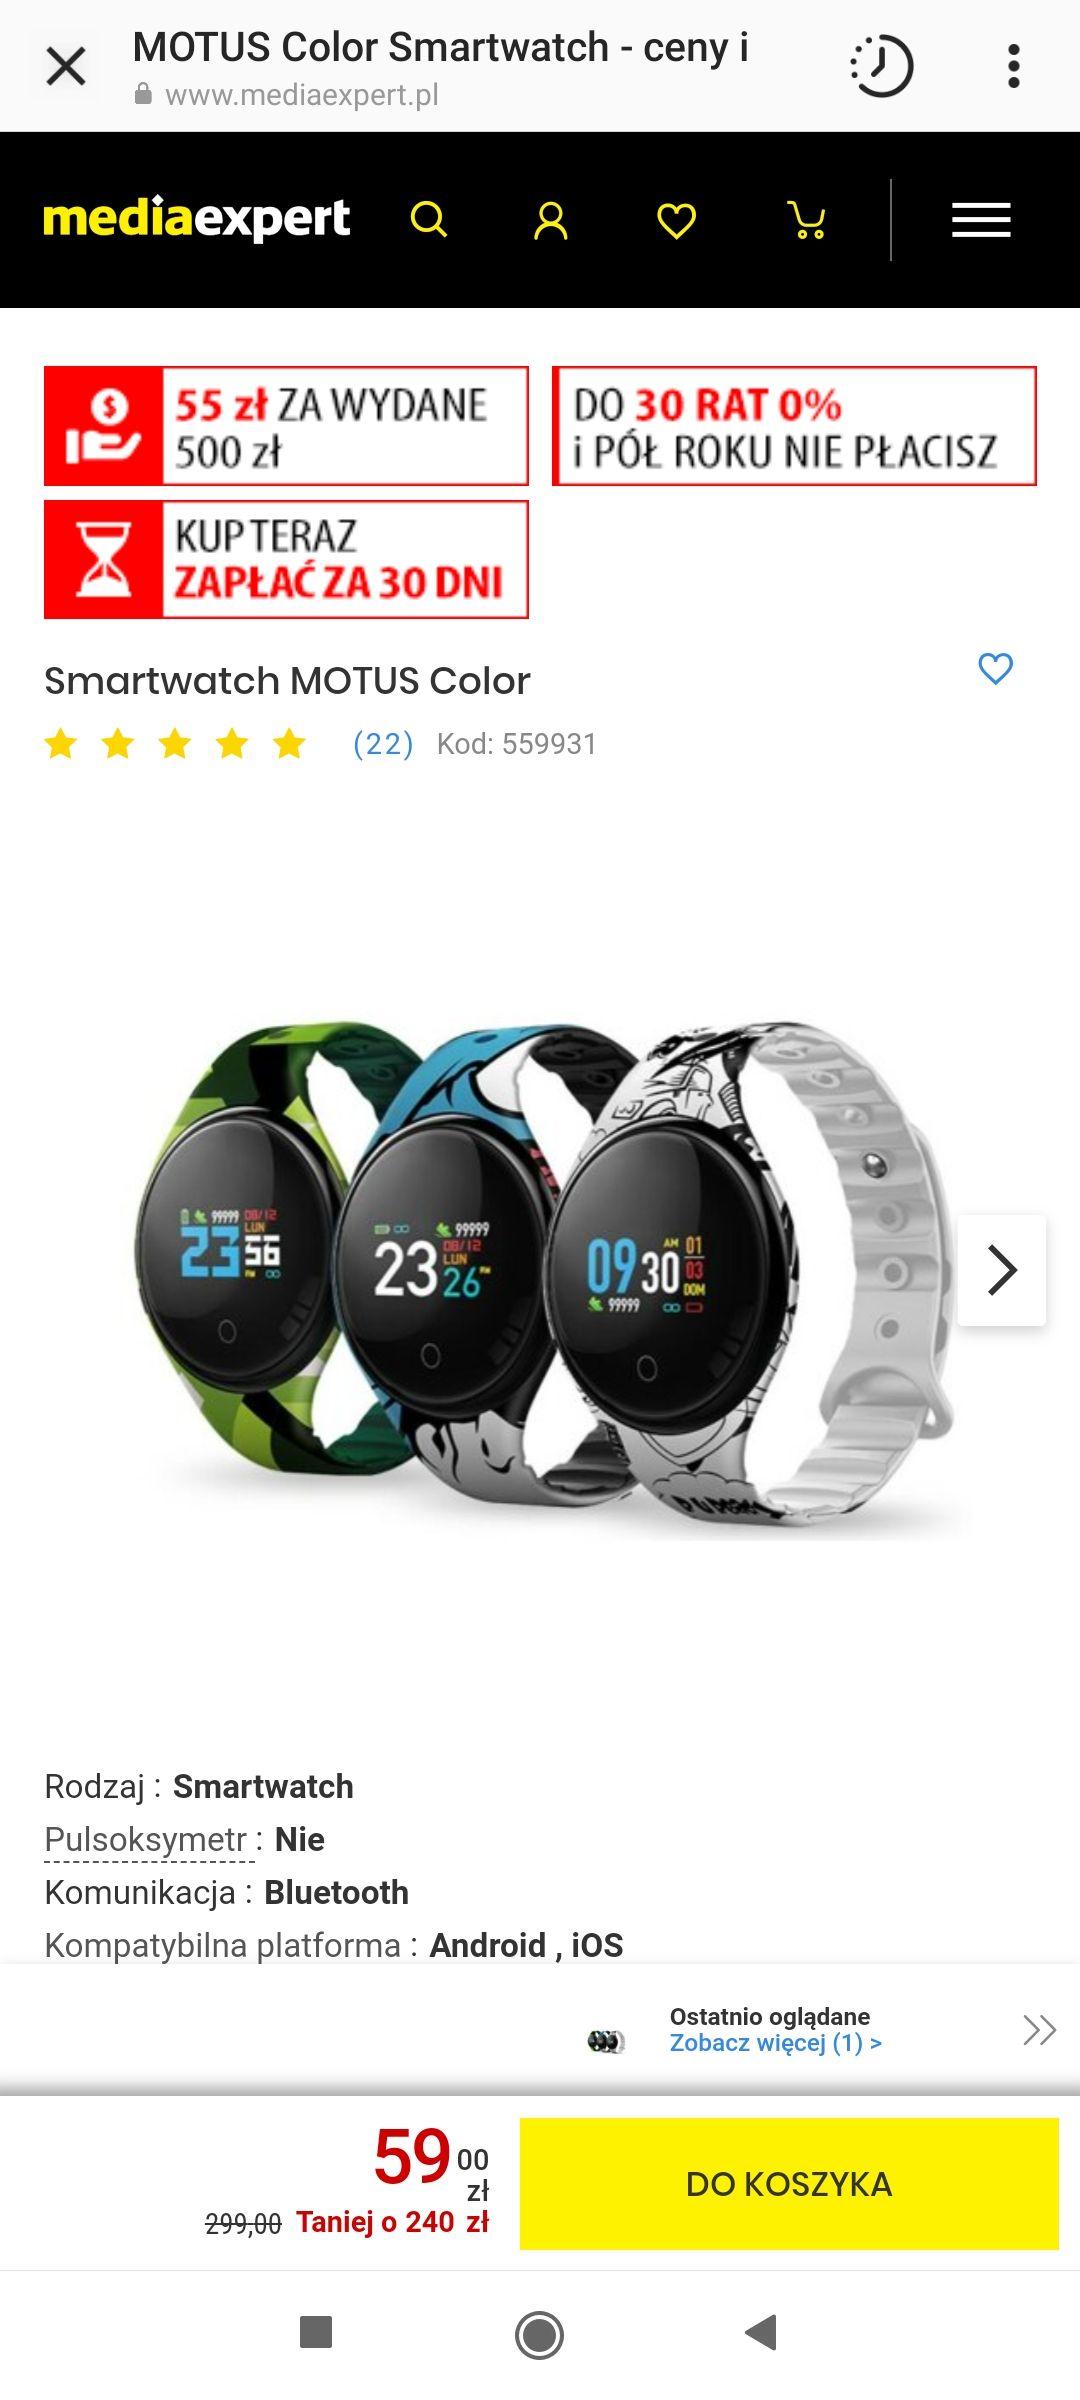 Smartwatch MOTUS 3 kolory do wyboru